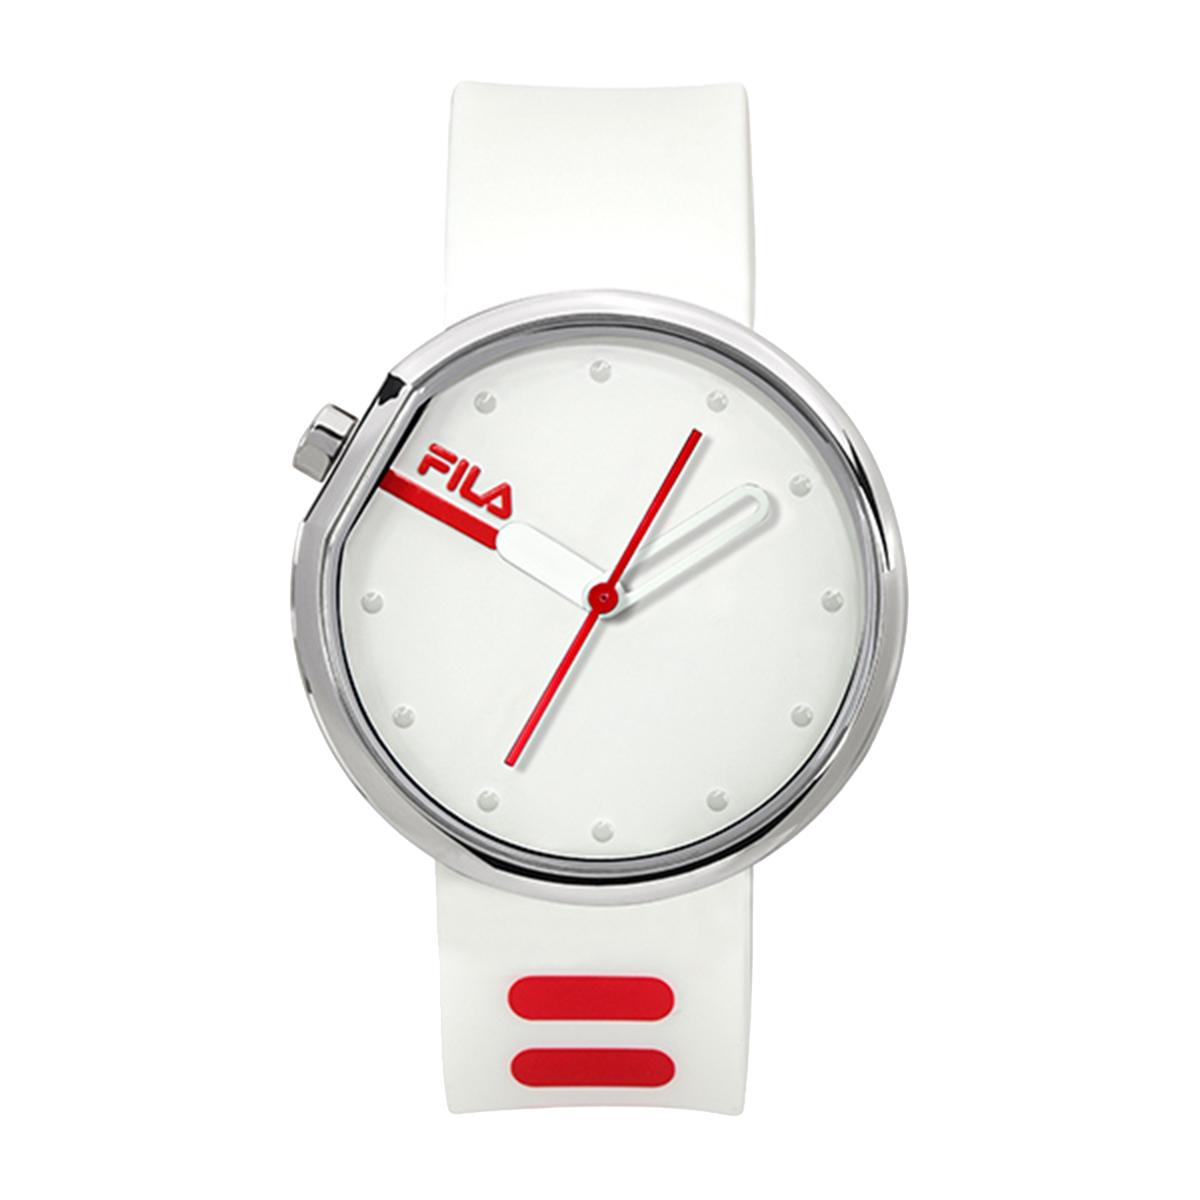 フィラ FILA FILASTYLE 38-161-104 ユニセックス 時計 腕時計 クオーツ